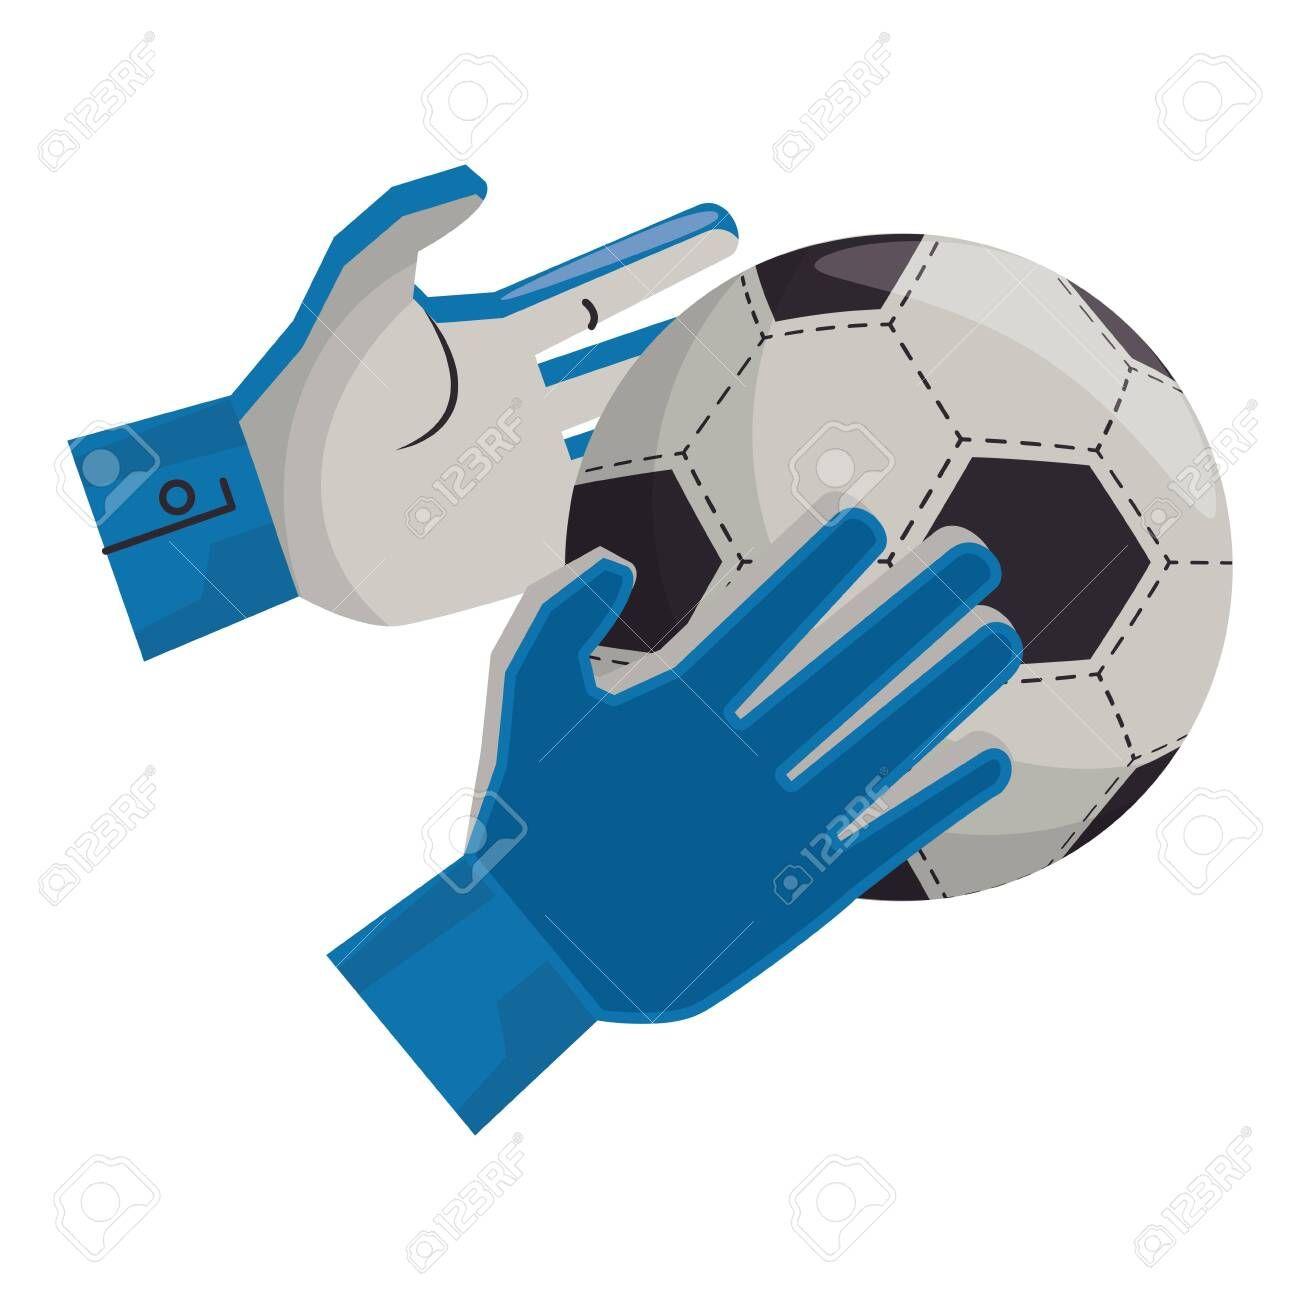 Soccer Football Sport Game Goalkeeper Gloves Holding Ball Vector Illustration Graphic Design Illustration Ad Game Soccer Goalkeeper Gloves Sports Games